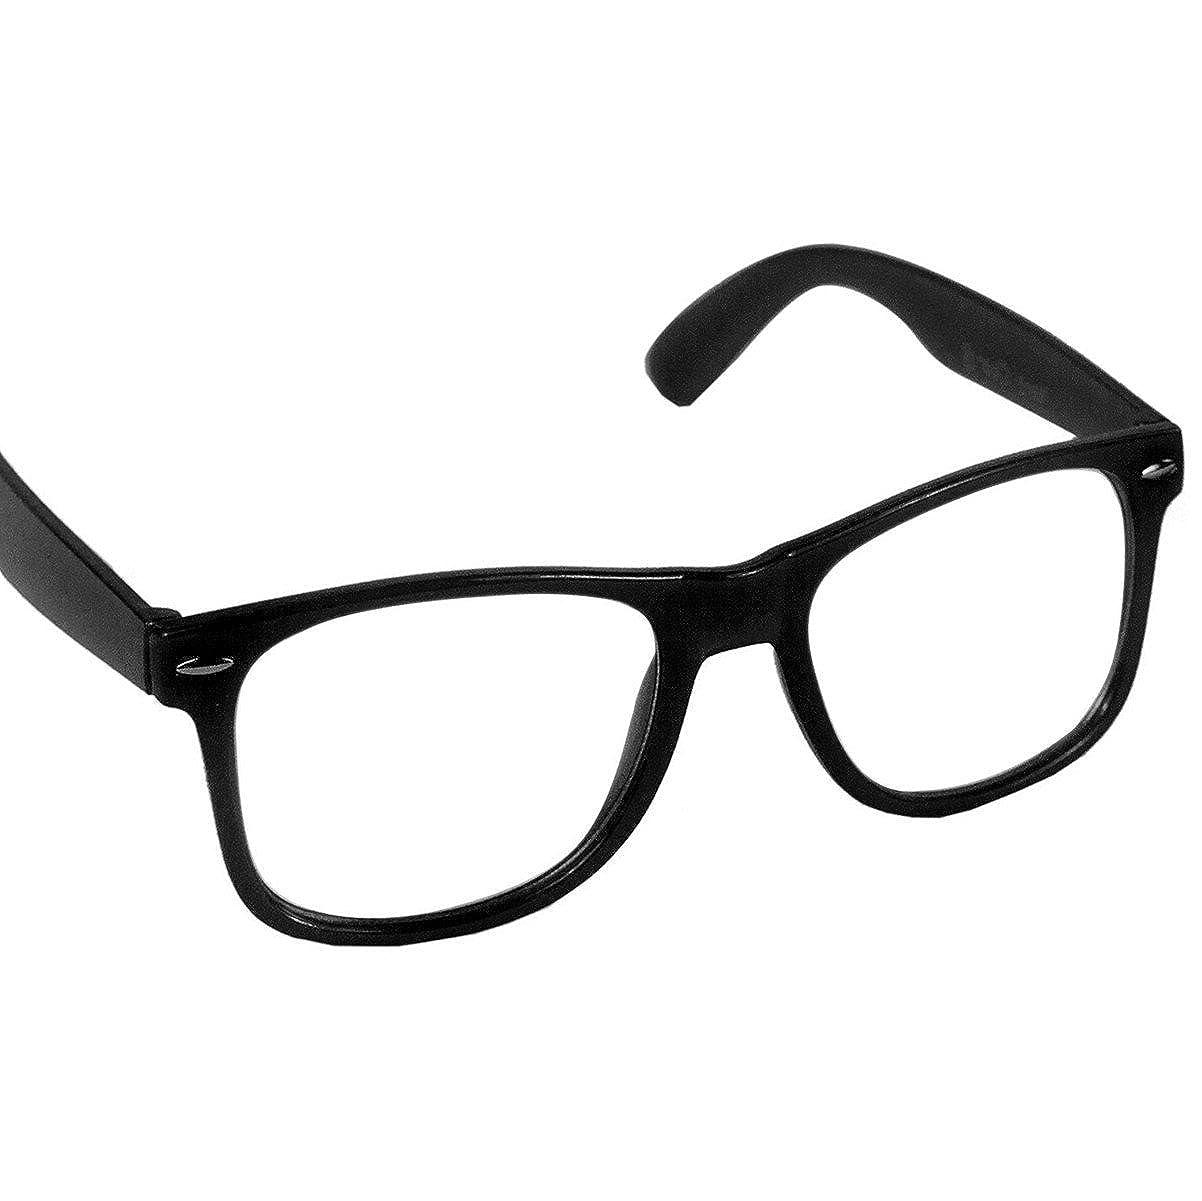 Hornbrille Atzenbrille Nerd Brille Klar oder als Sonnenbrille ...